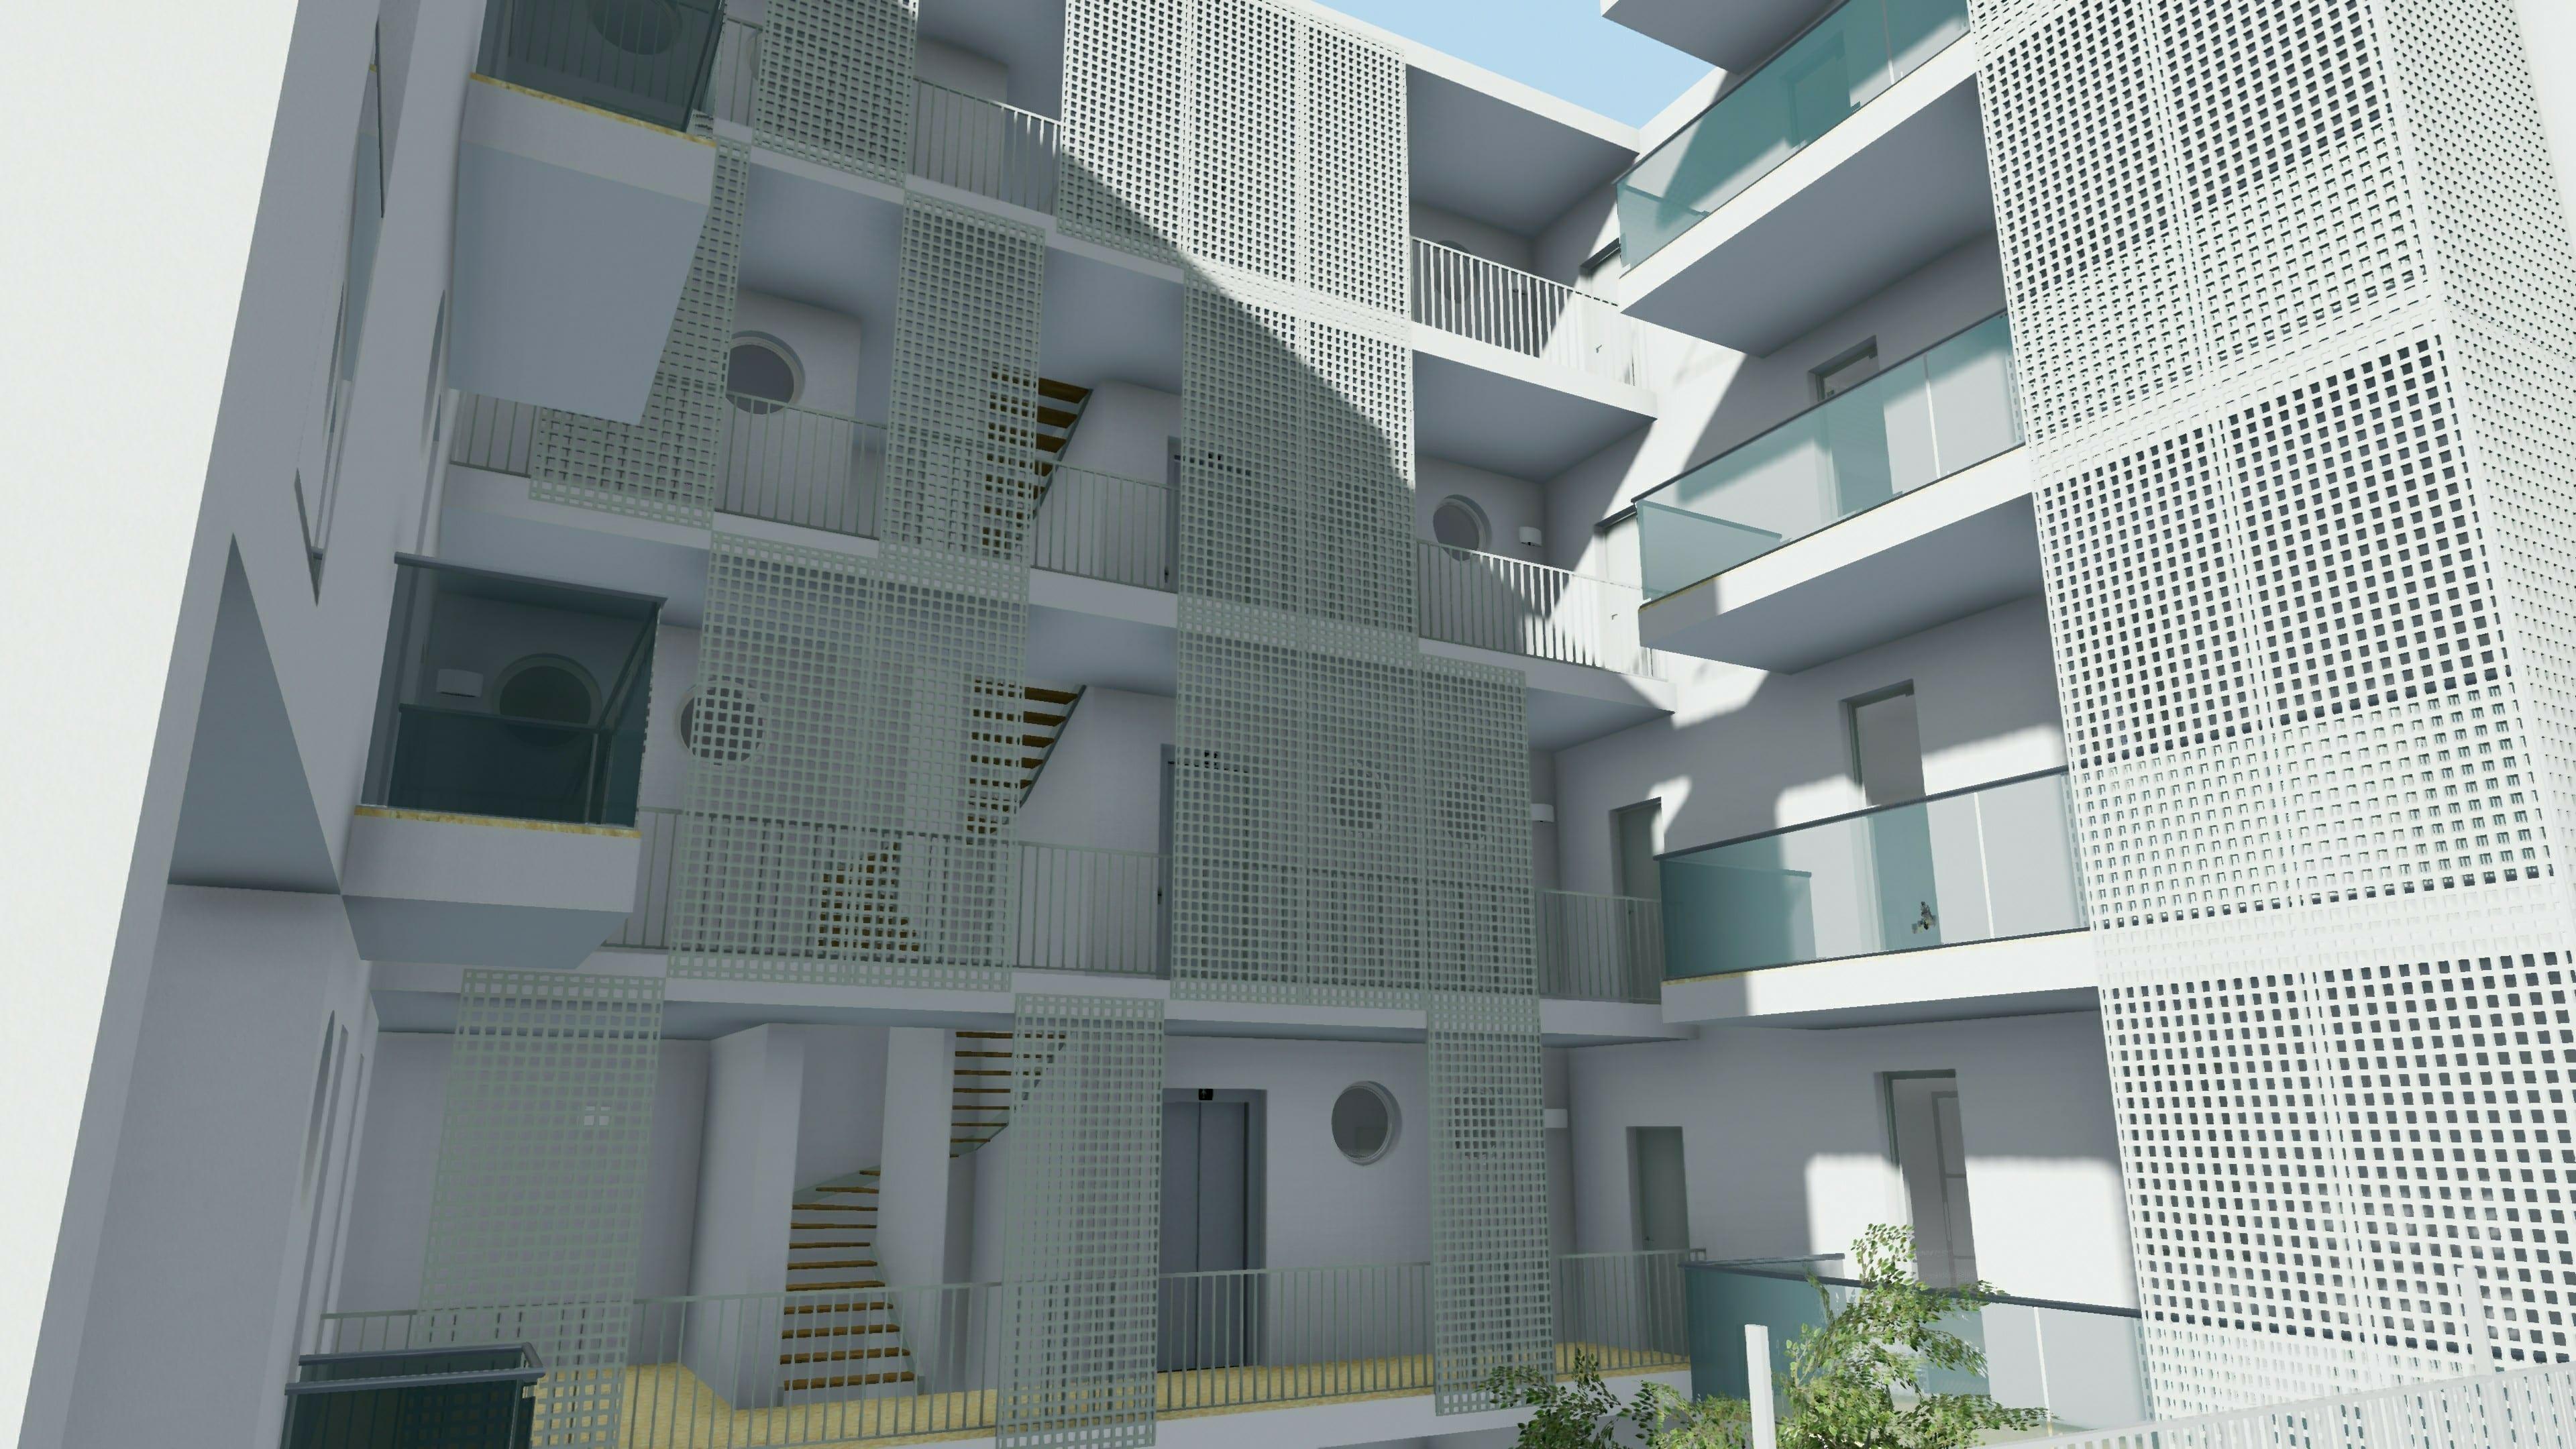 Casa di ringhiera o a ballatoio progetti famosi con for Moderna casa di cemento